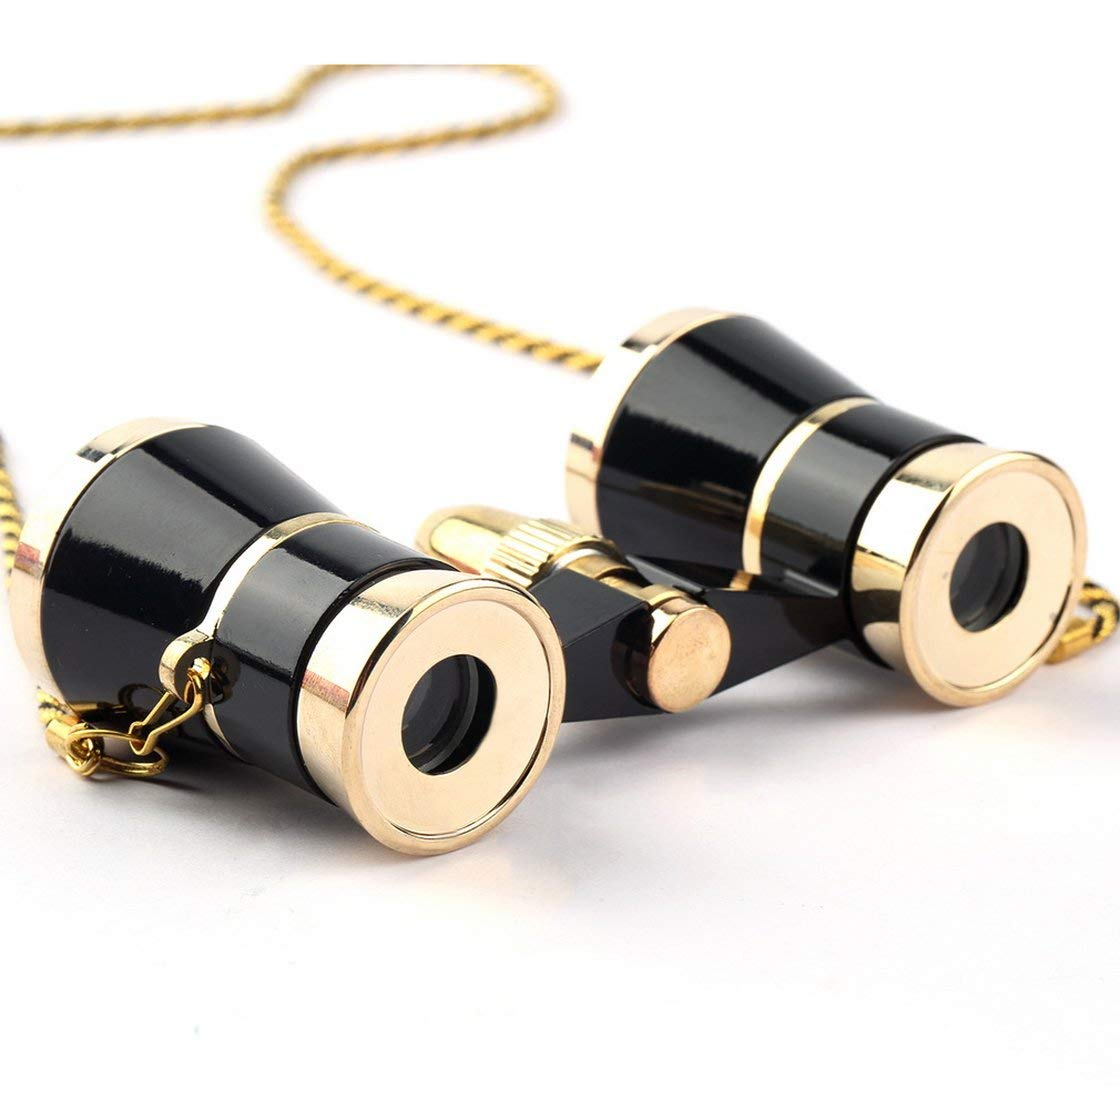 Exquis Noir Or Jumelles Jumelles 3X25 Dame Cadeau T/élescope Op/éra Th/é/âtre Jumelles Optique Lunettes Dop/éra